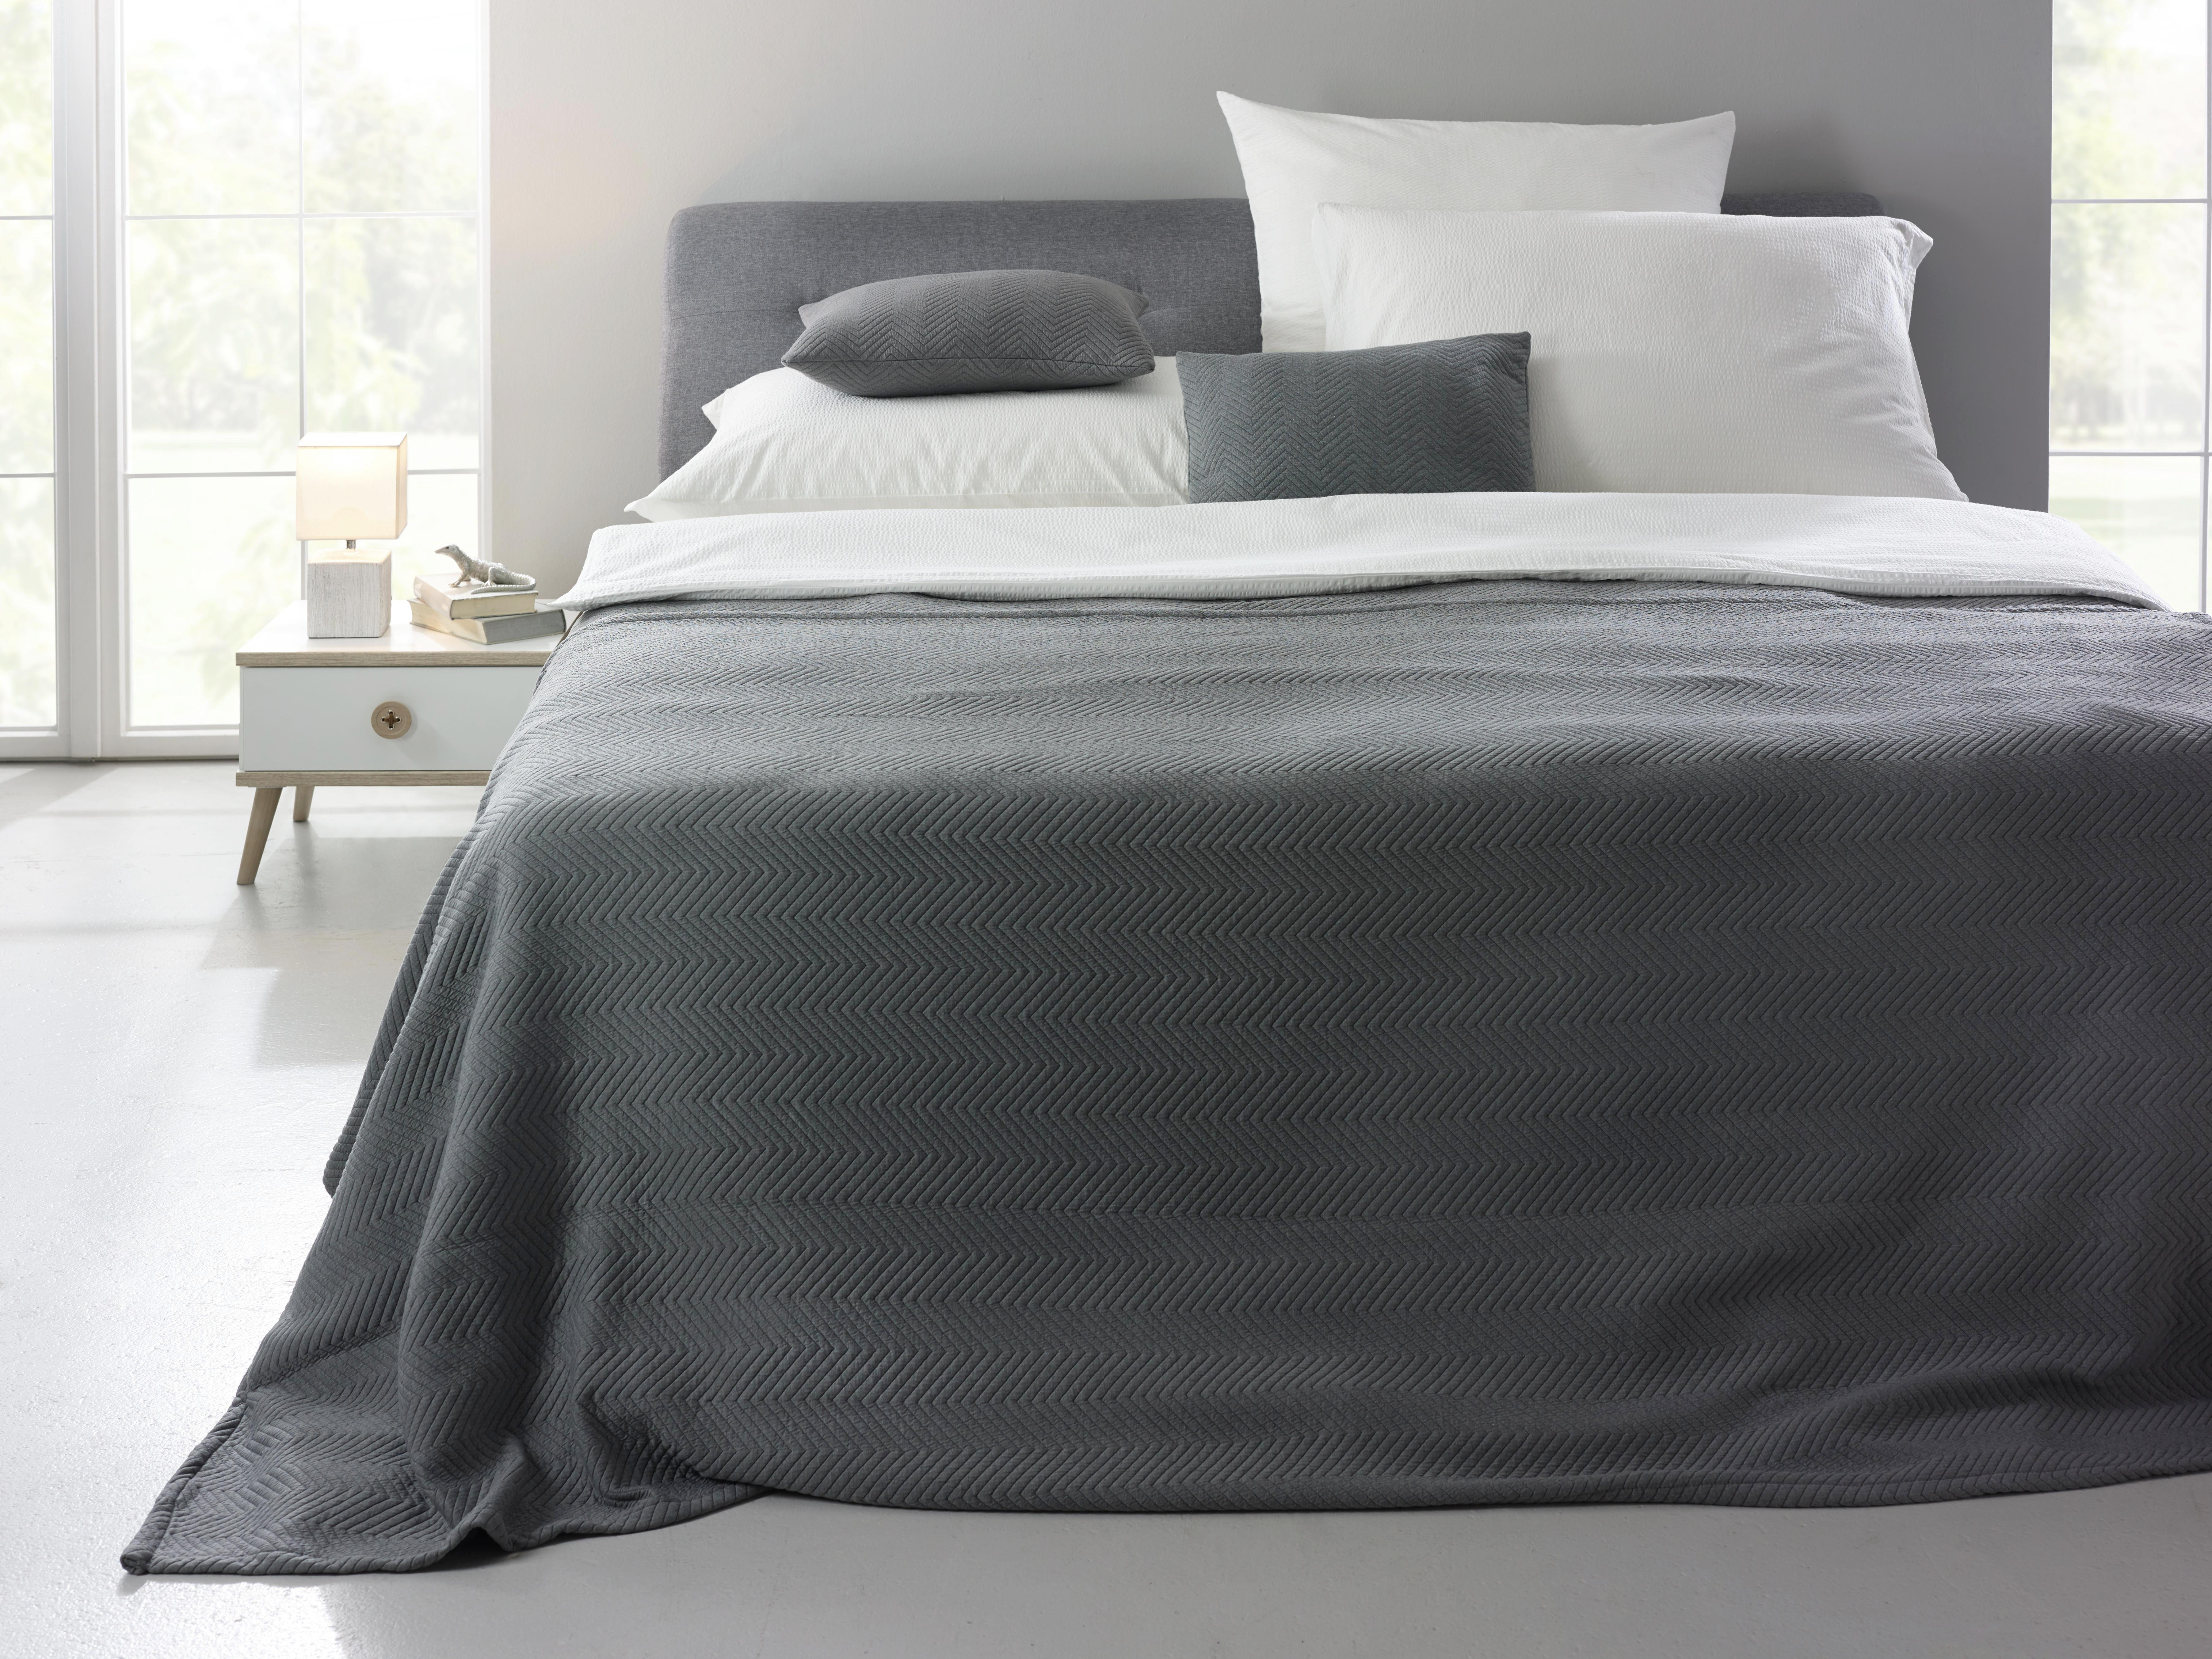 Zierkissen Bilbao, ca. 40x50cm - Anthrazit, Textil (40/50cm) - MÖMAX modern living